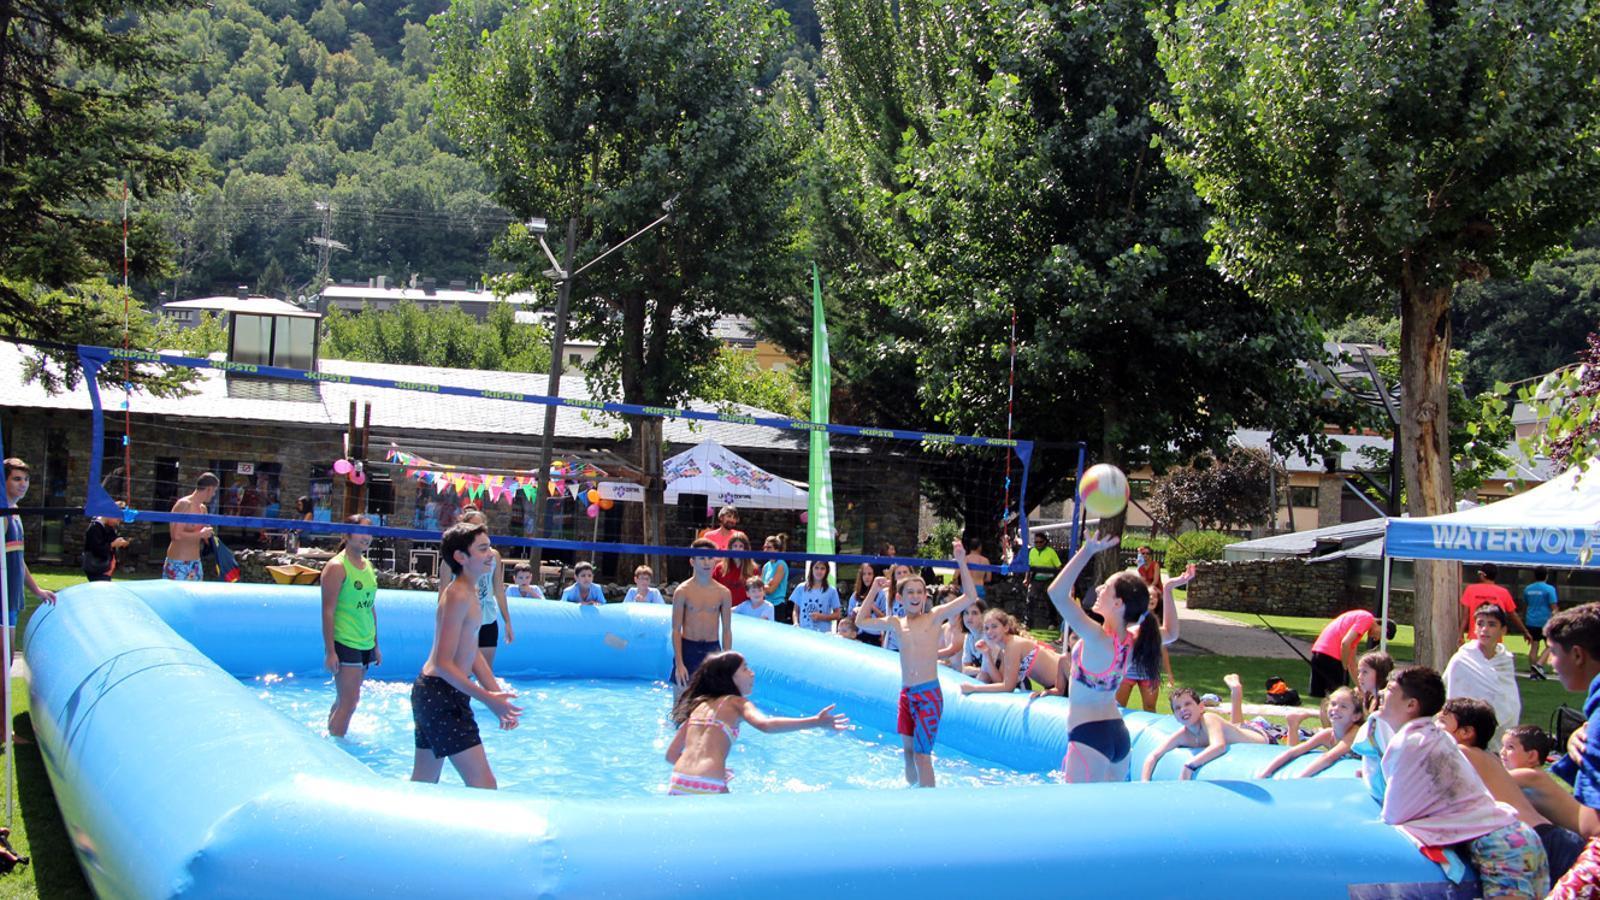 Partit de watervòlei al Parc Central per tancar la programació d'estiu de la Central. / T. N. (ANA)